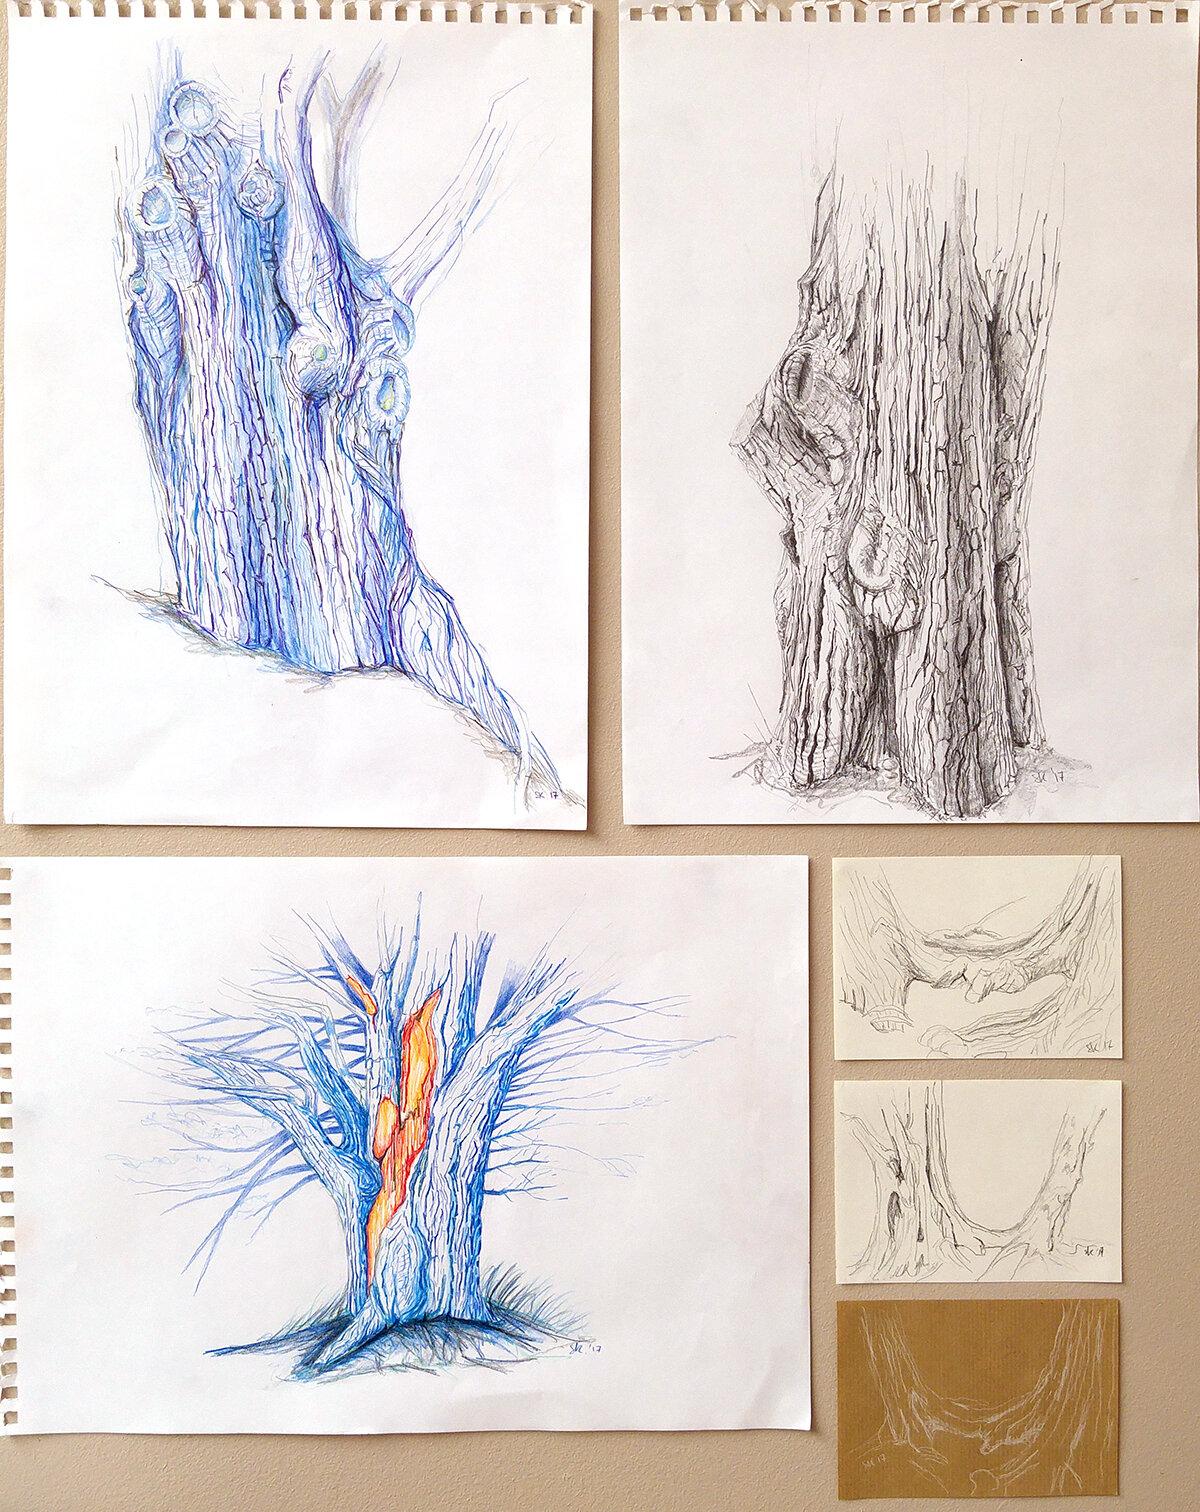 树木研究,2017年6月,史蒂芬妮·基尔加斯特(StéphanieKilgast)